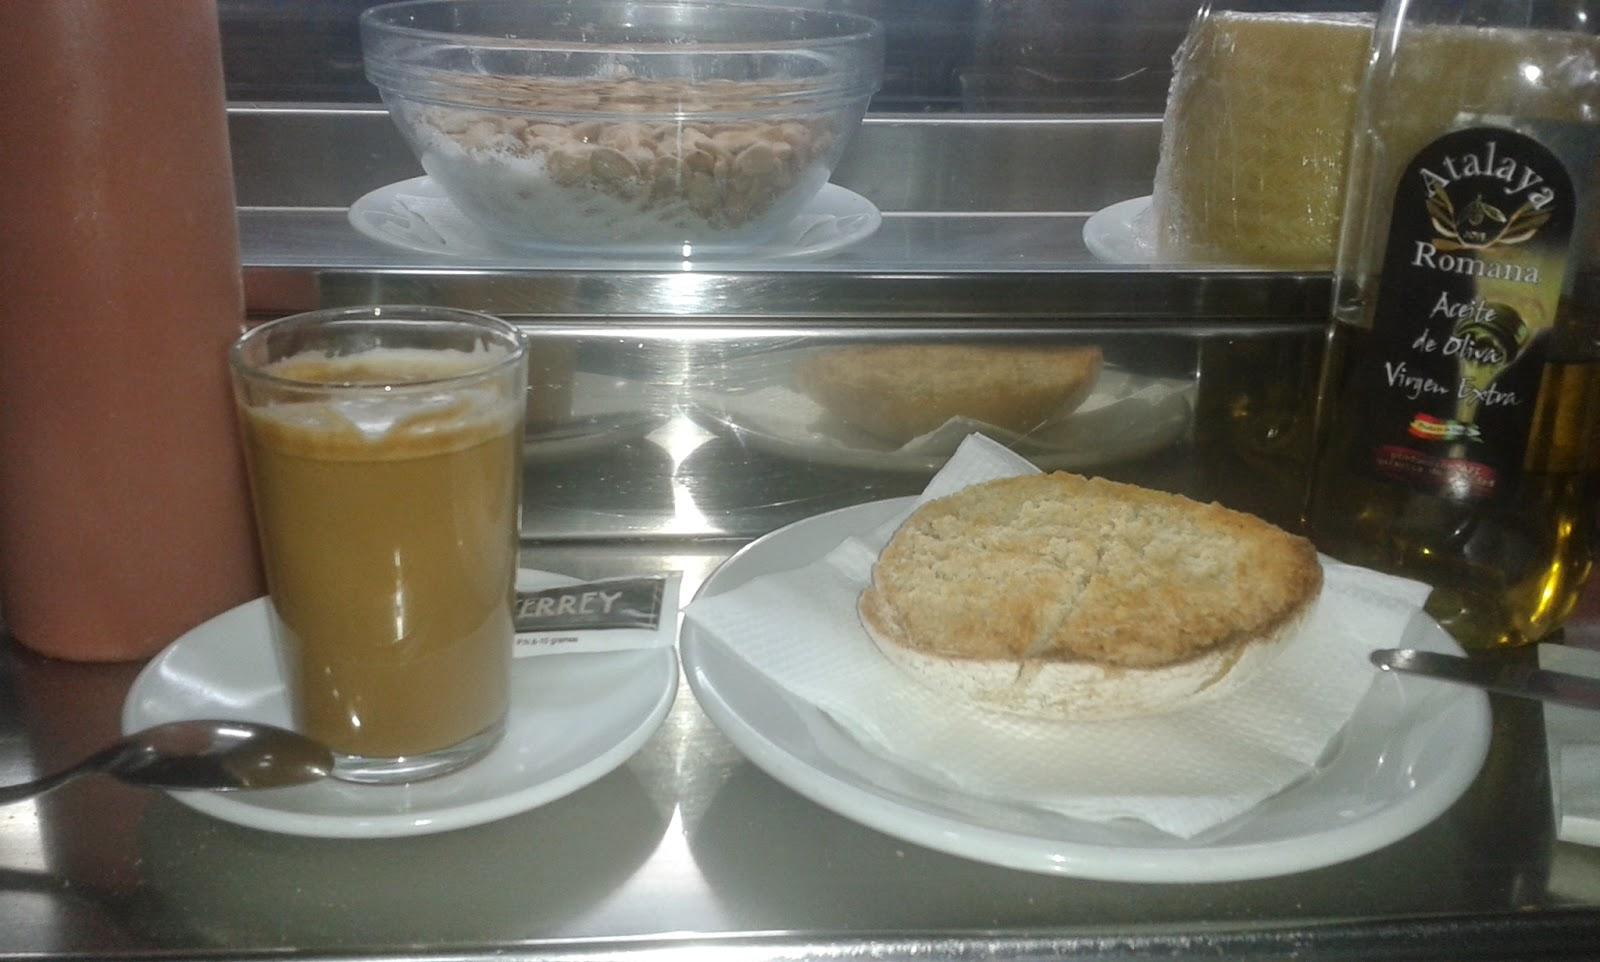 D nde desayunar en sevilla desayunos en casa f lix reina mercedes - Desayunos en casa ...